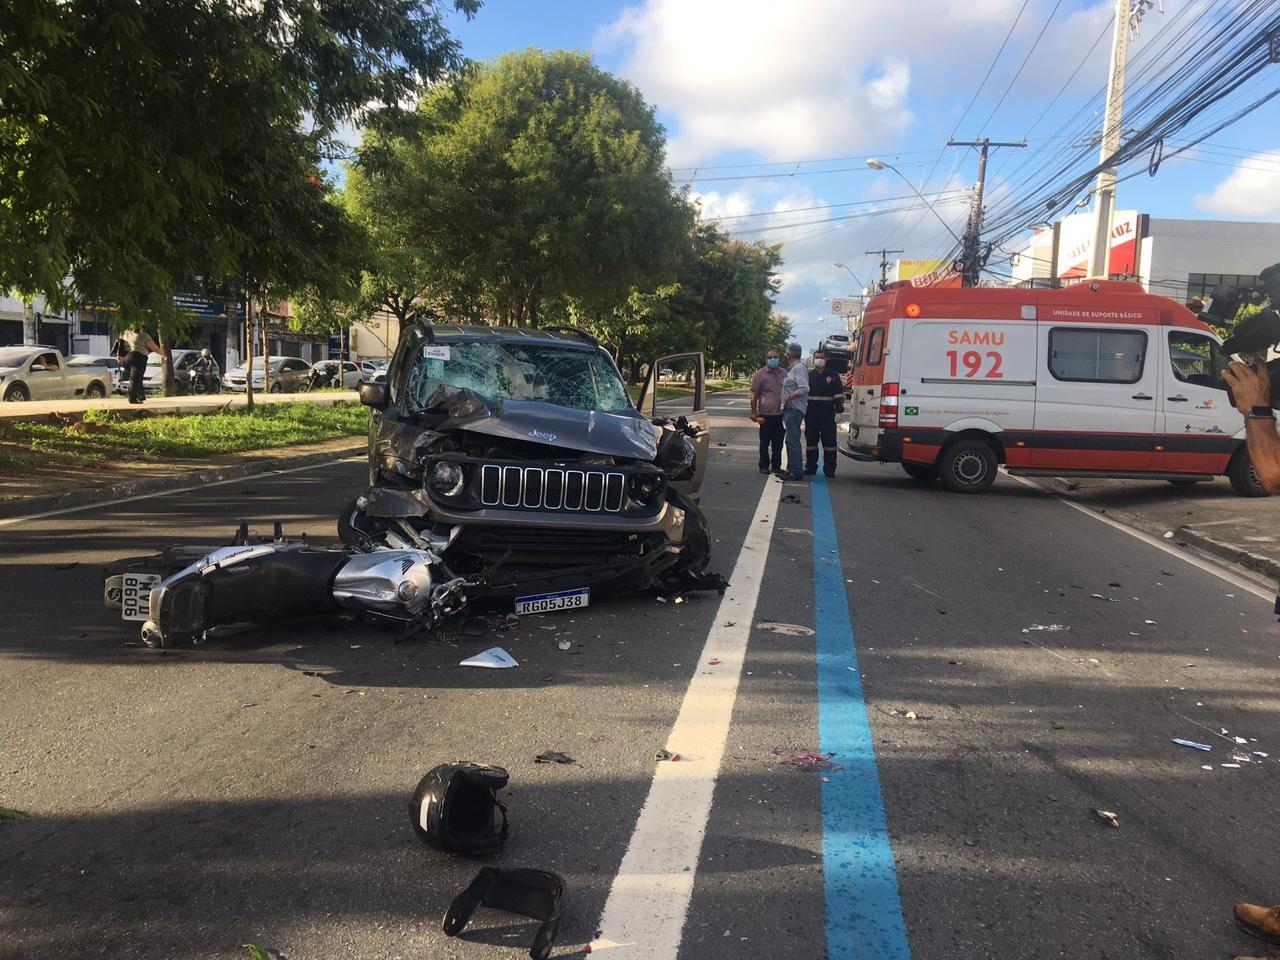 Morre mais uma vítima de acidente na Av. Fernandes Lima, em Maceió